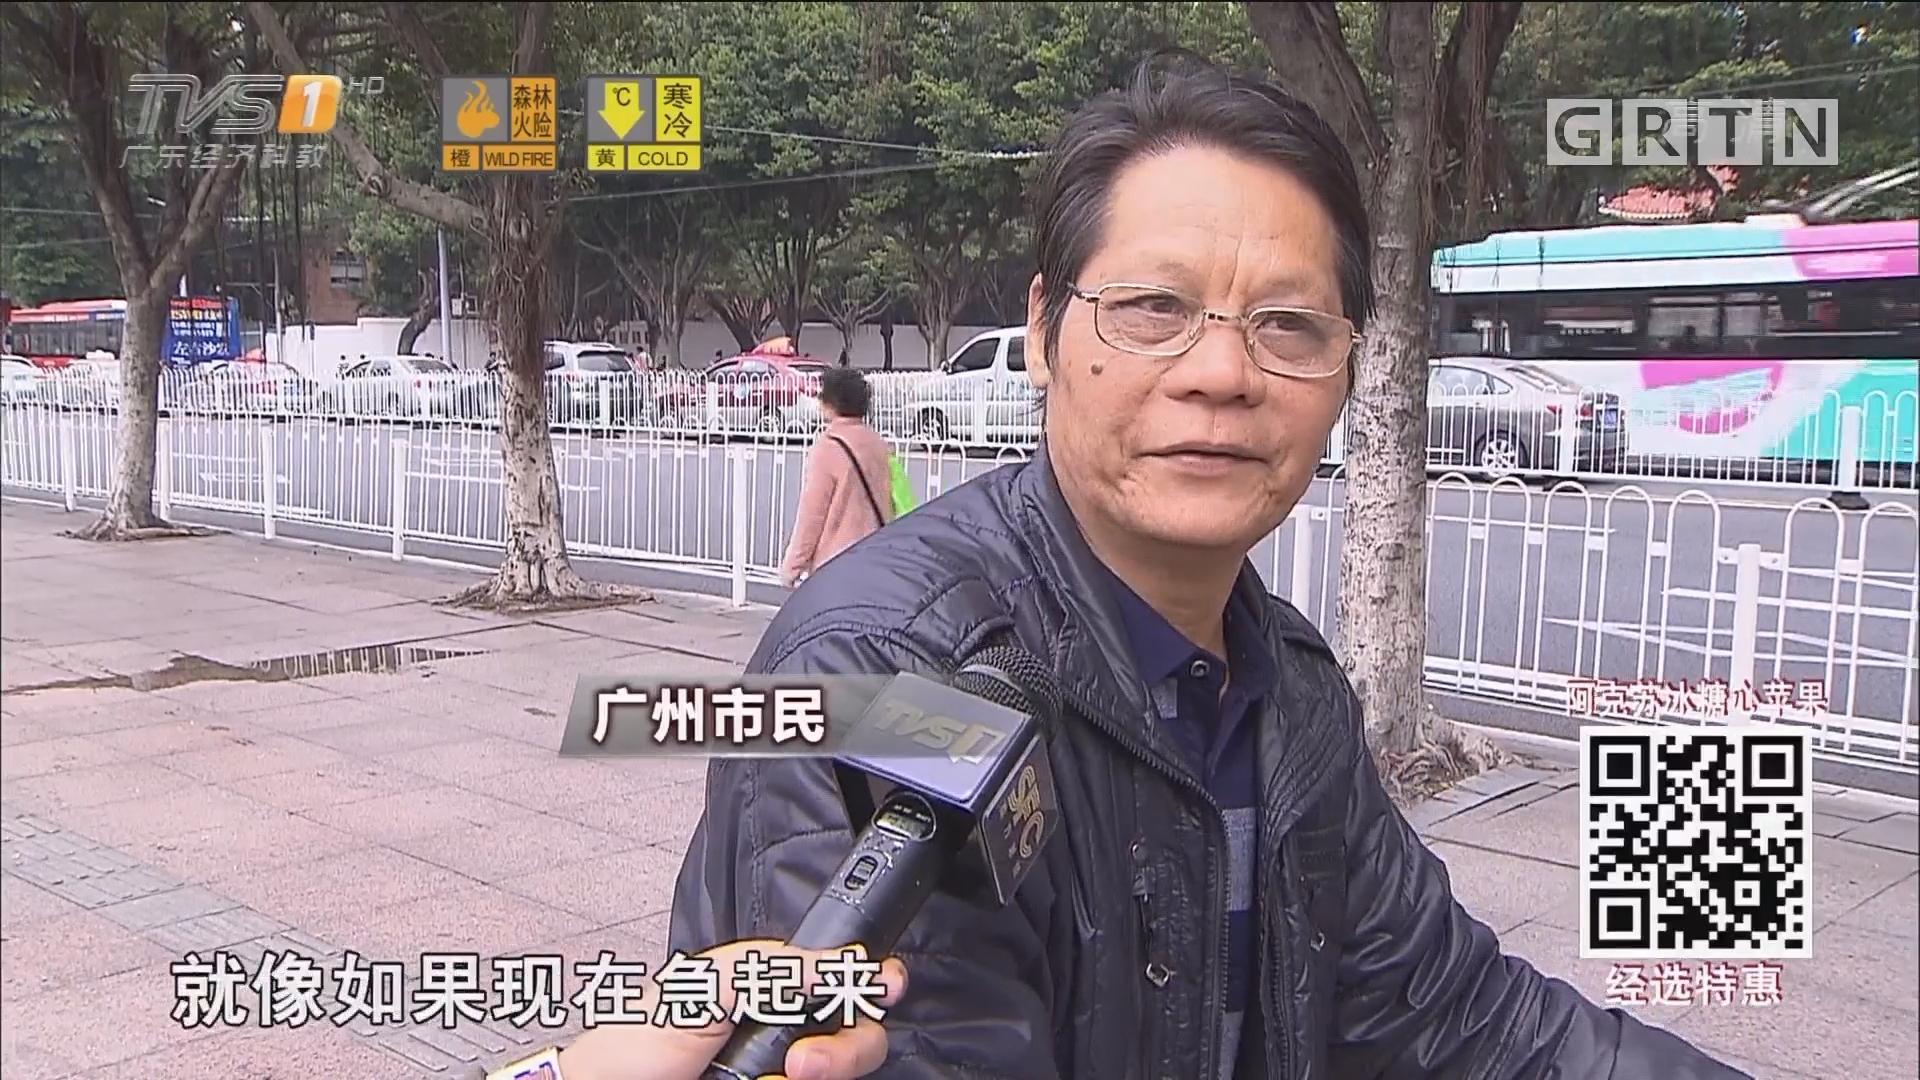 厕所不用在线等 广州城管有妙招